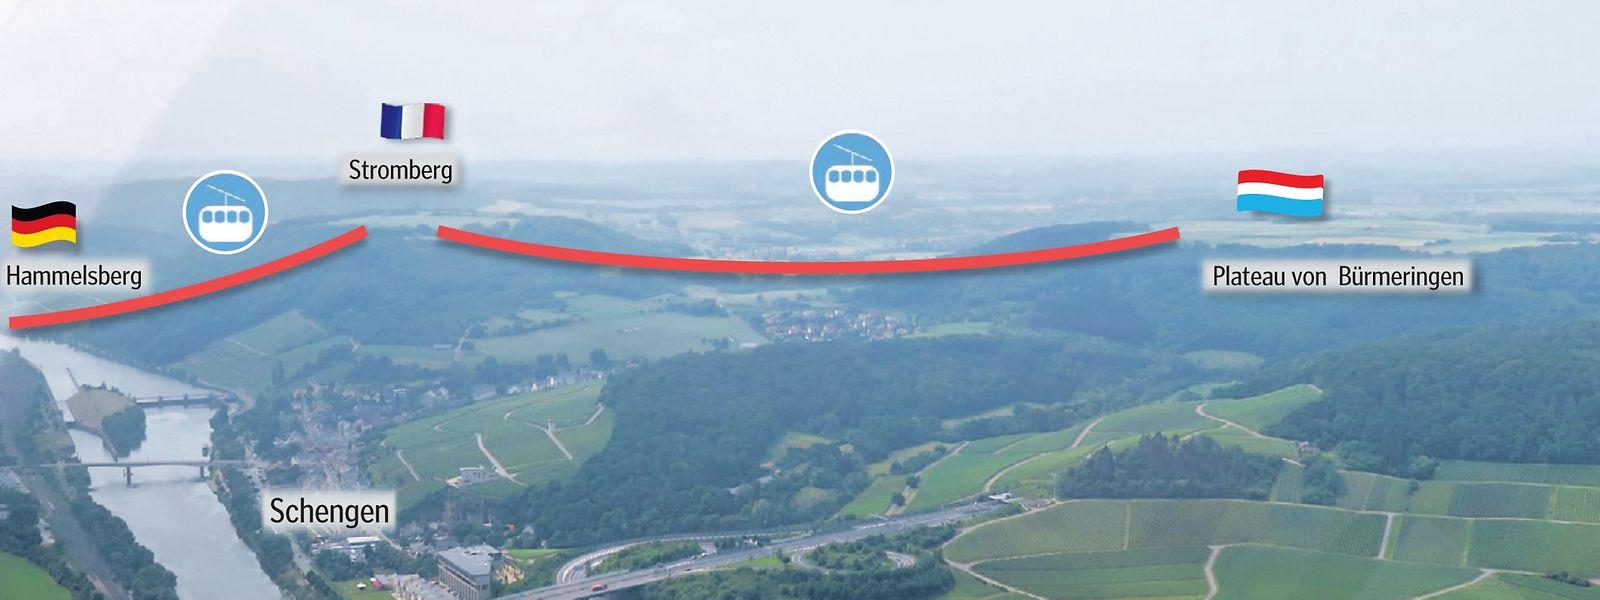 Der Clou an dem Konzept: Der Tourismus wird vom engen Tal auf die Berge ausgedehnt.